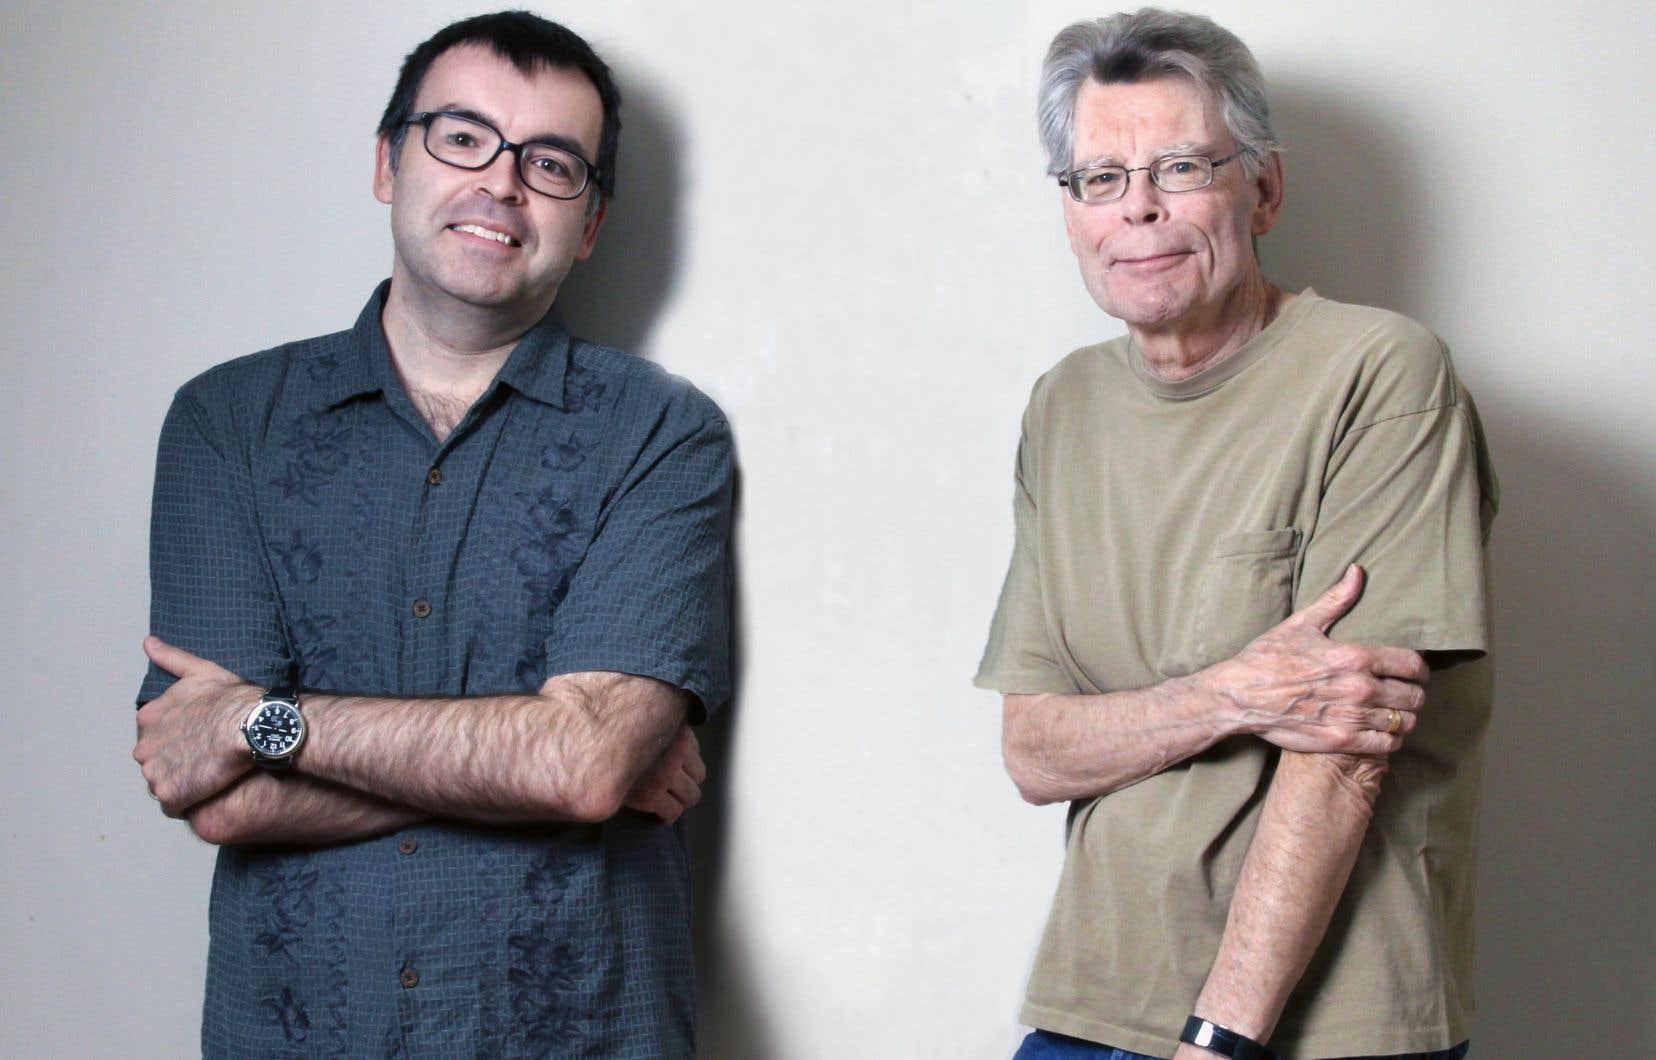 Durant dix mois, Owen et Stephen King se sont plongés dans l'écriture, le premier envoyant une partie du récit que le second réécrivait et continuait, puis renvoyait au premier qui répétait l'exercice.